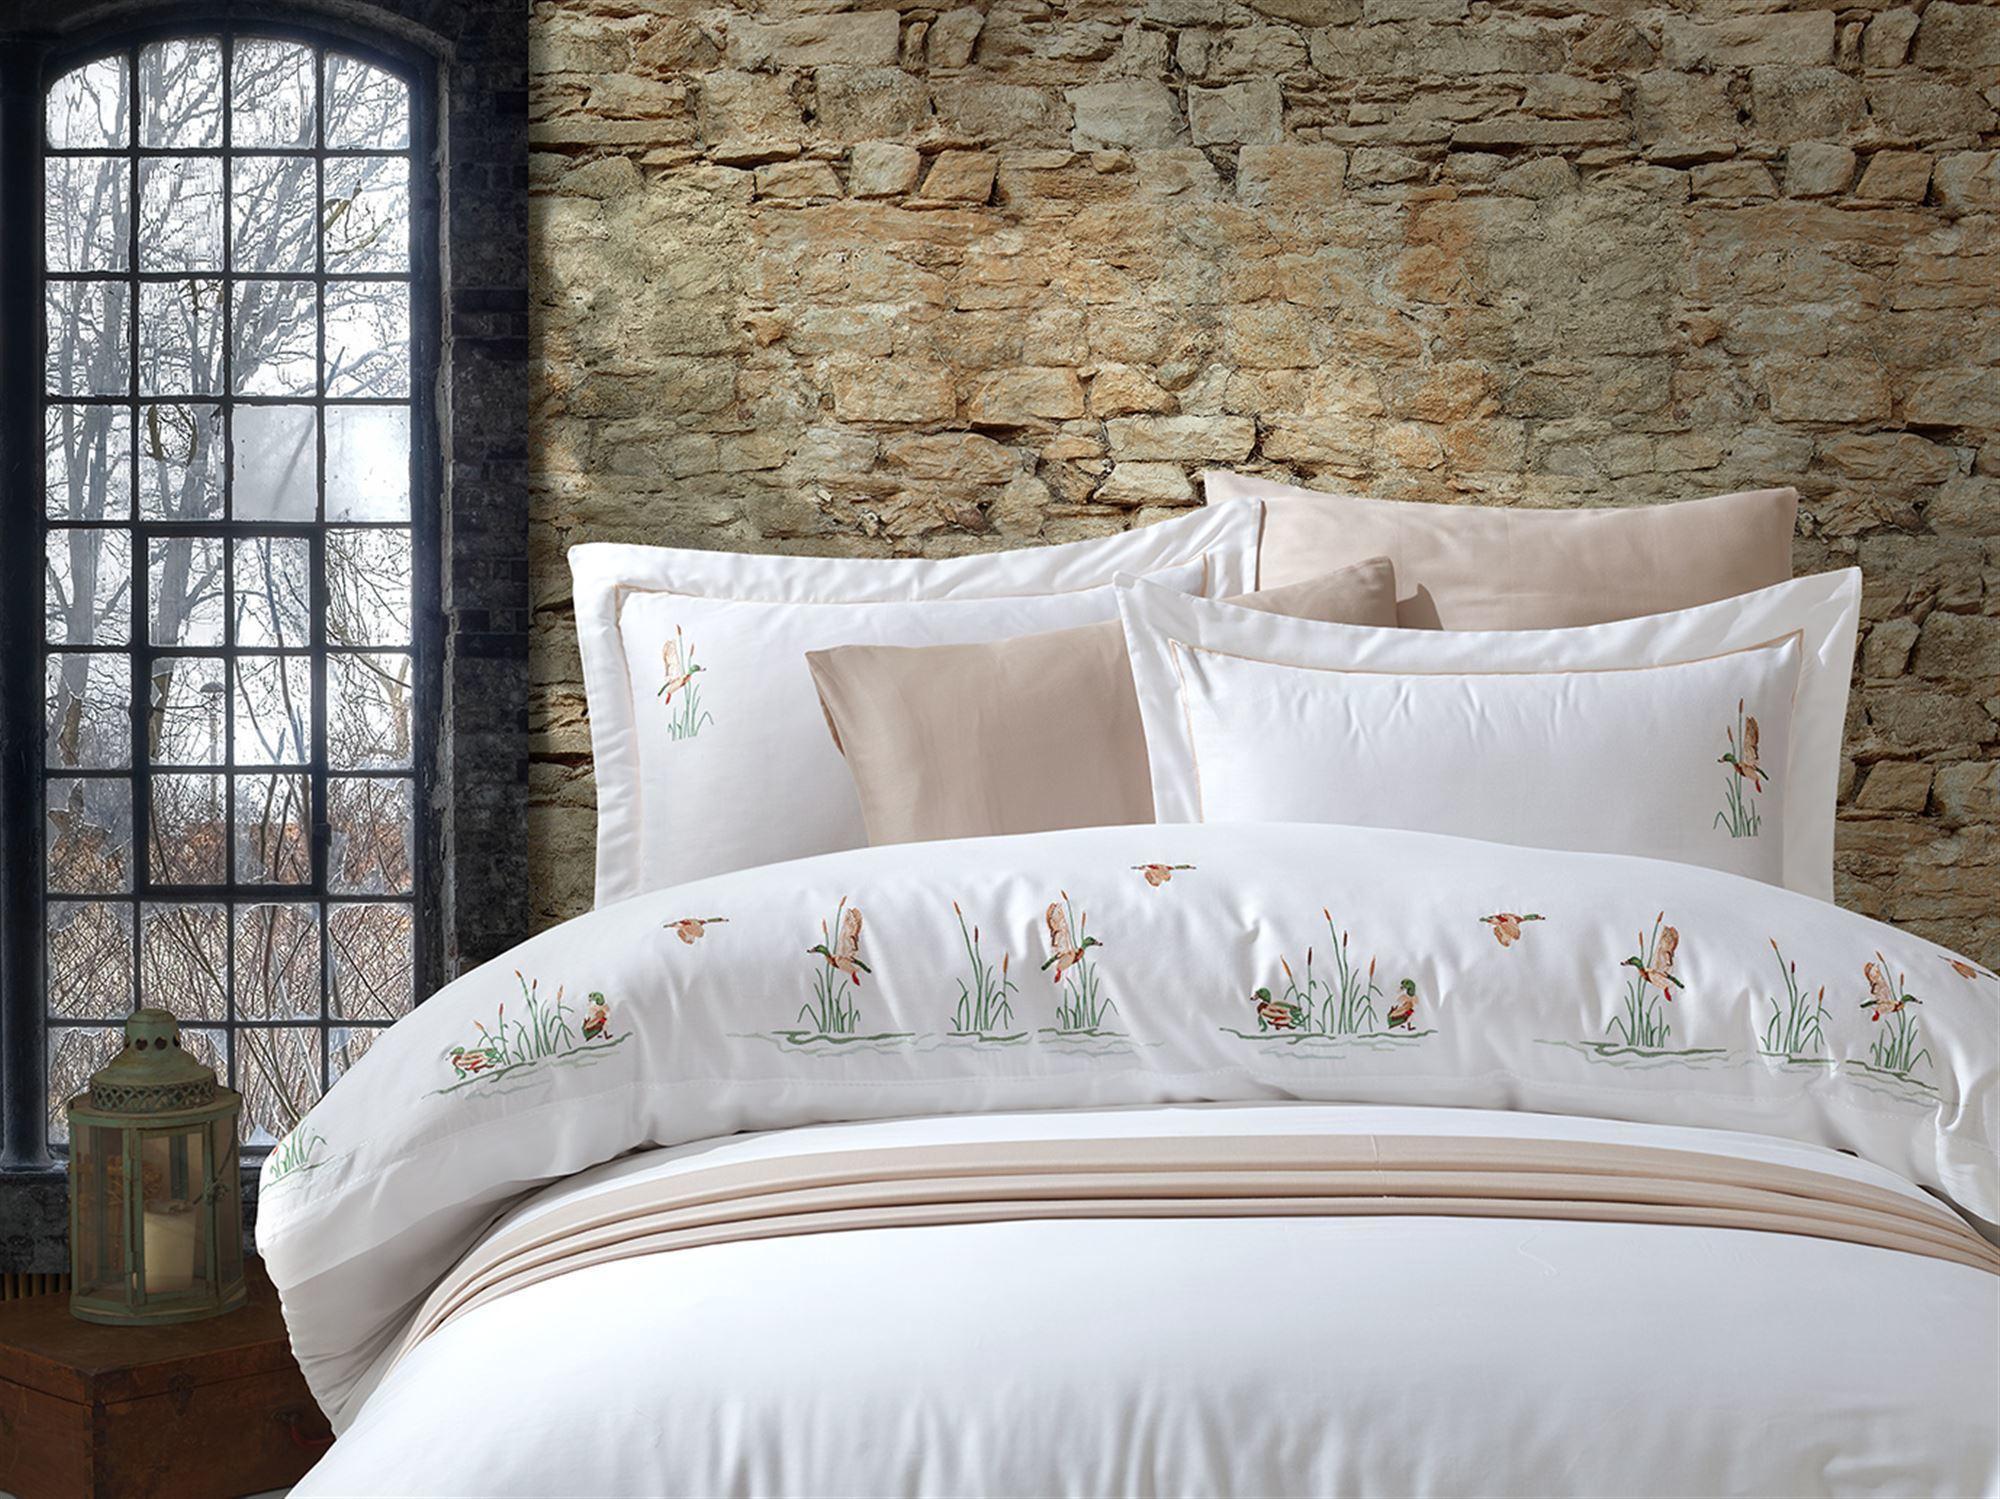 Как ухаживать за постельным бельем с вышивкой